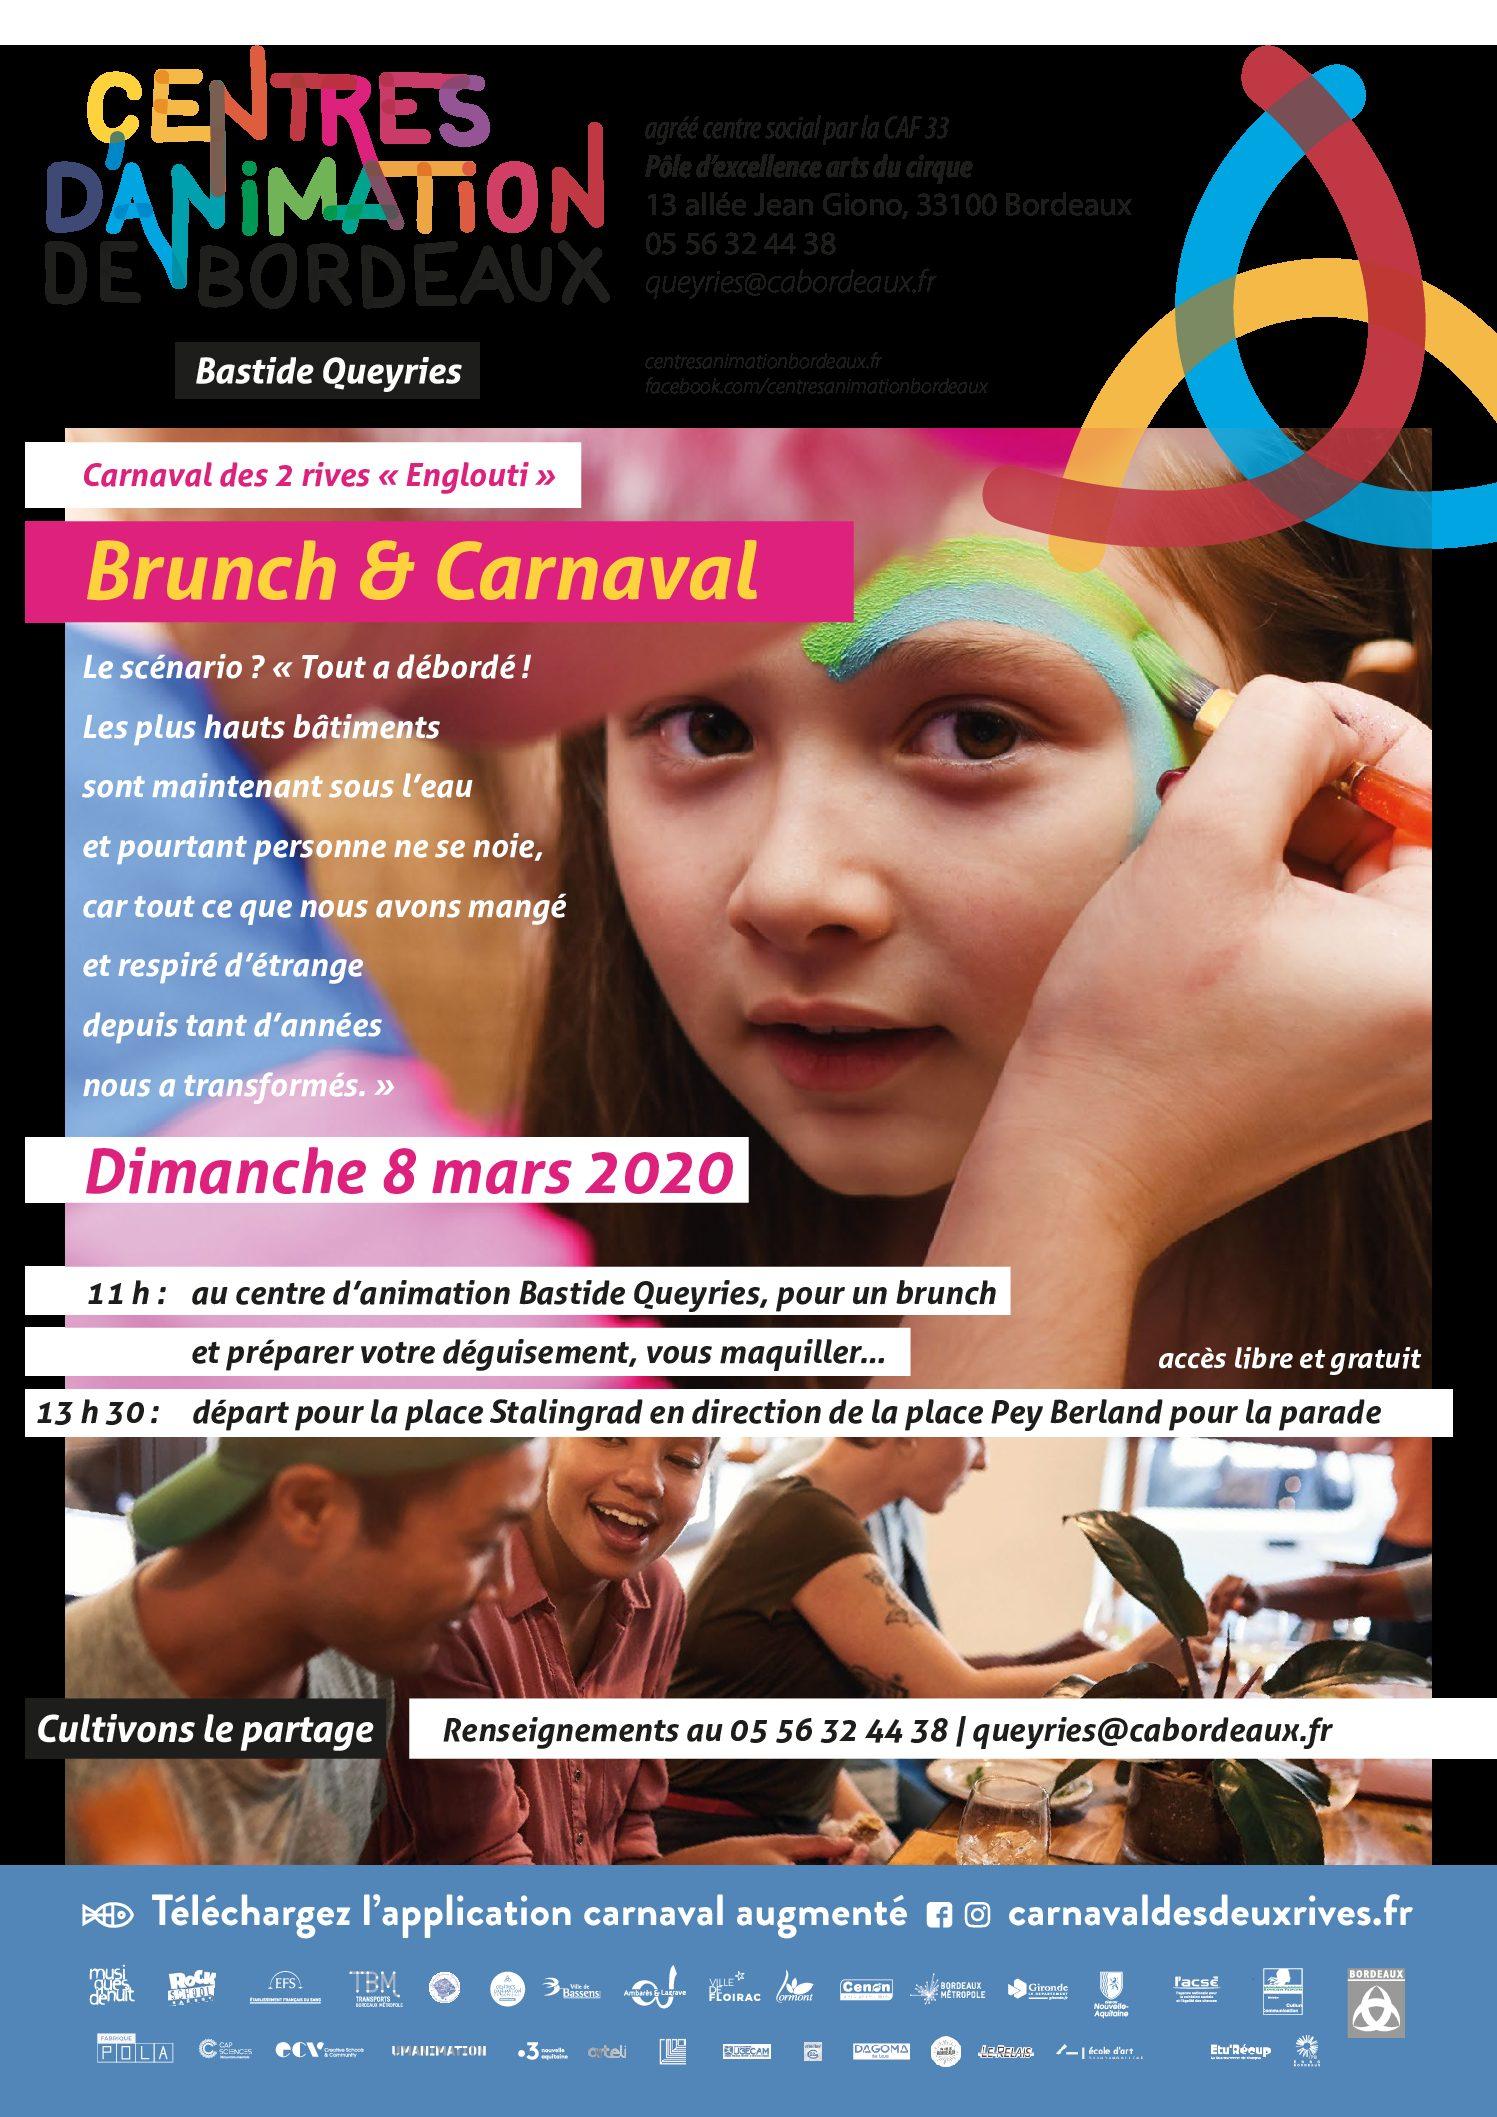 Adultes & Familles - Carnaval & Brunch - 080320